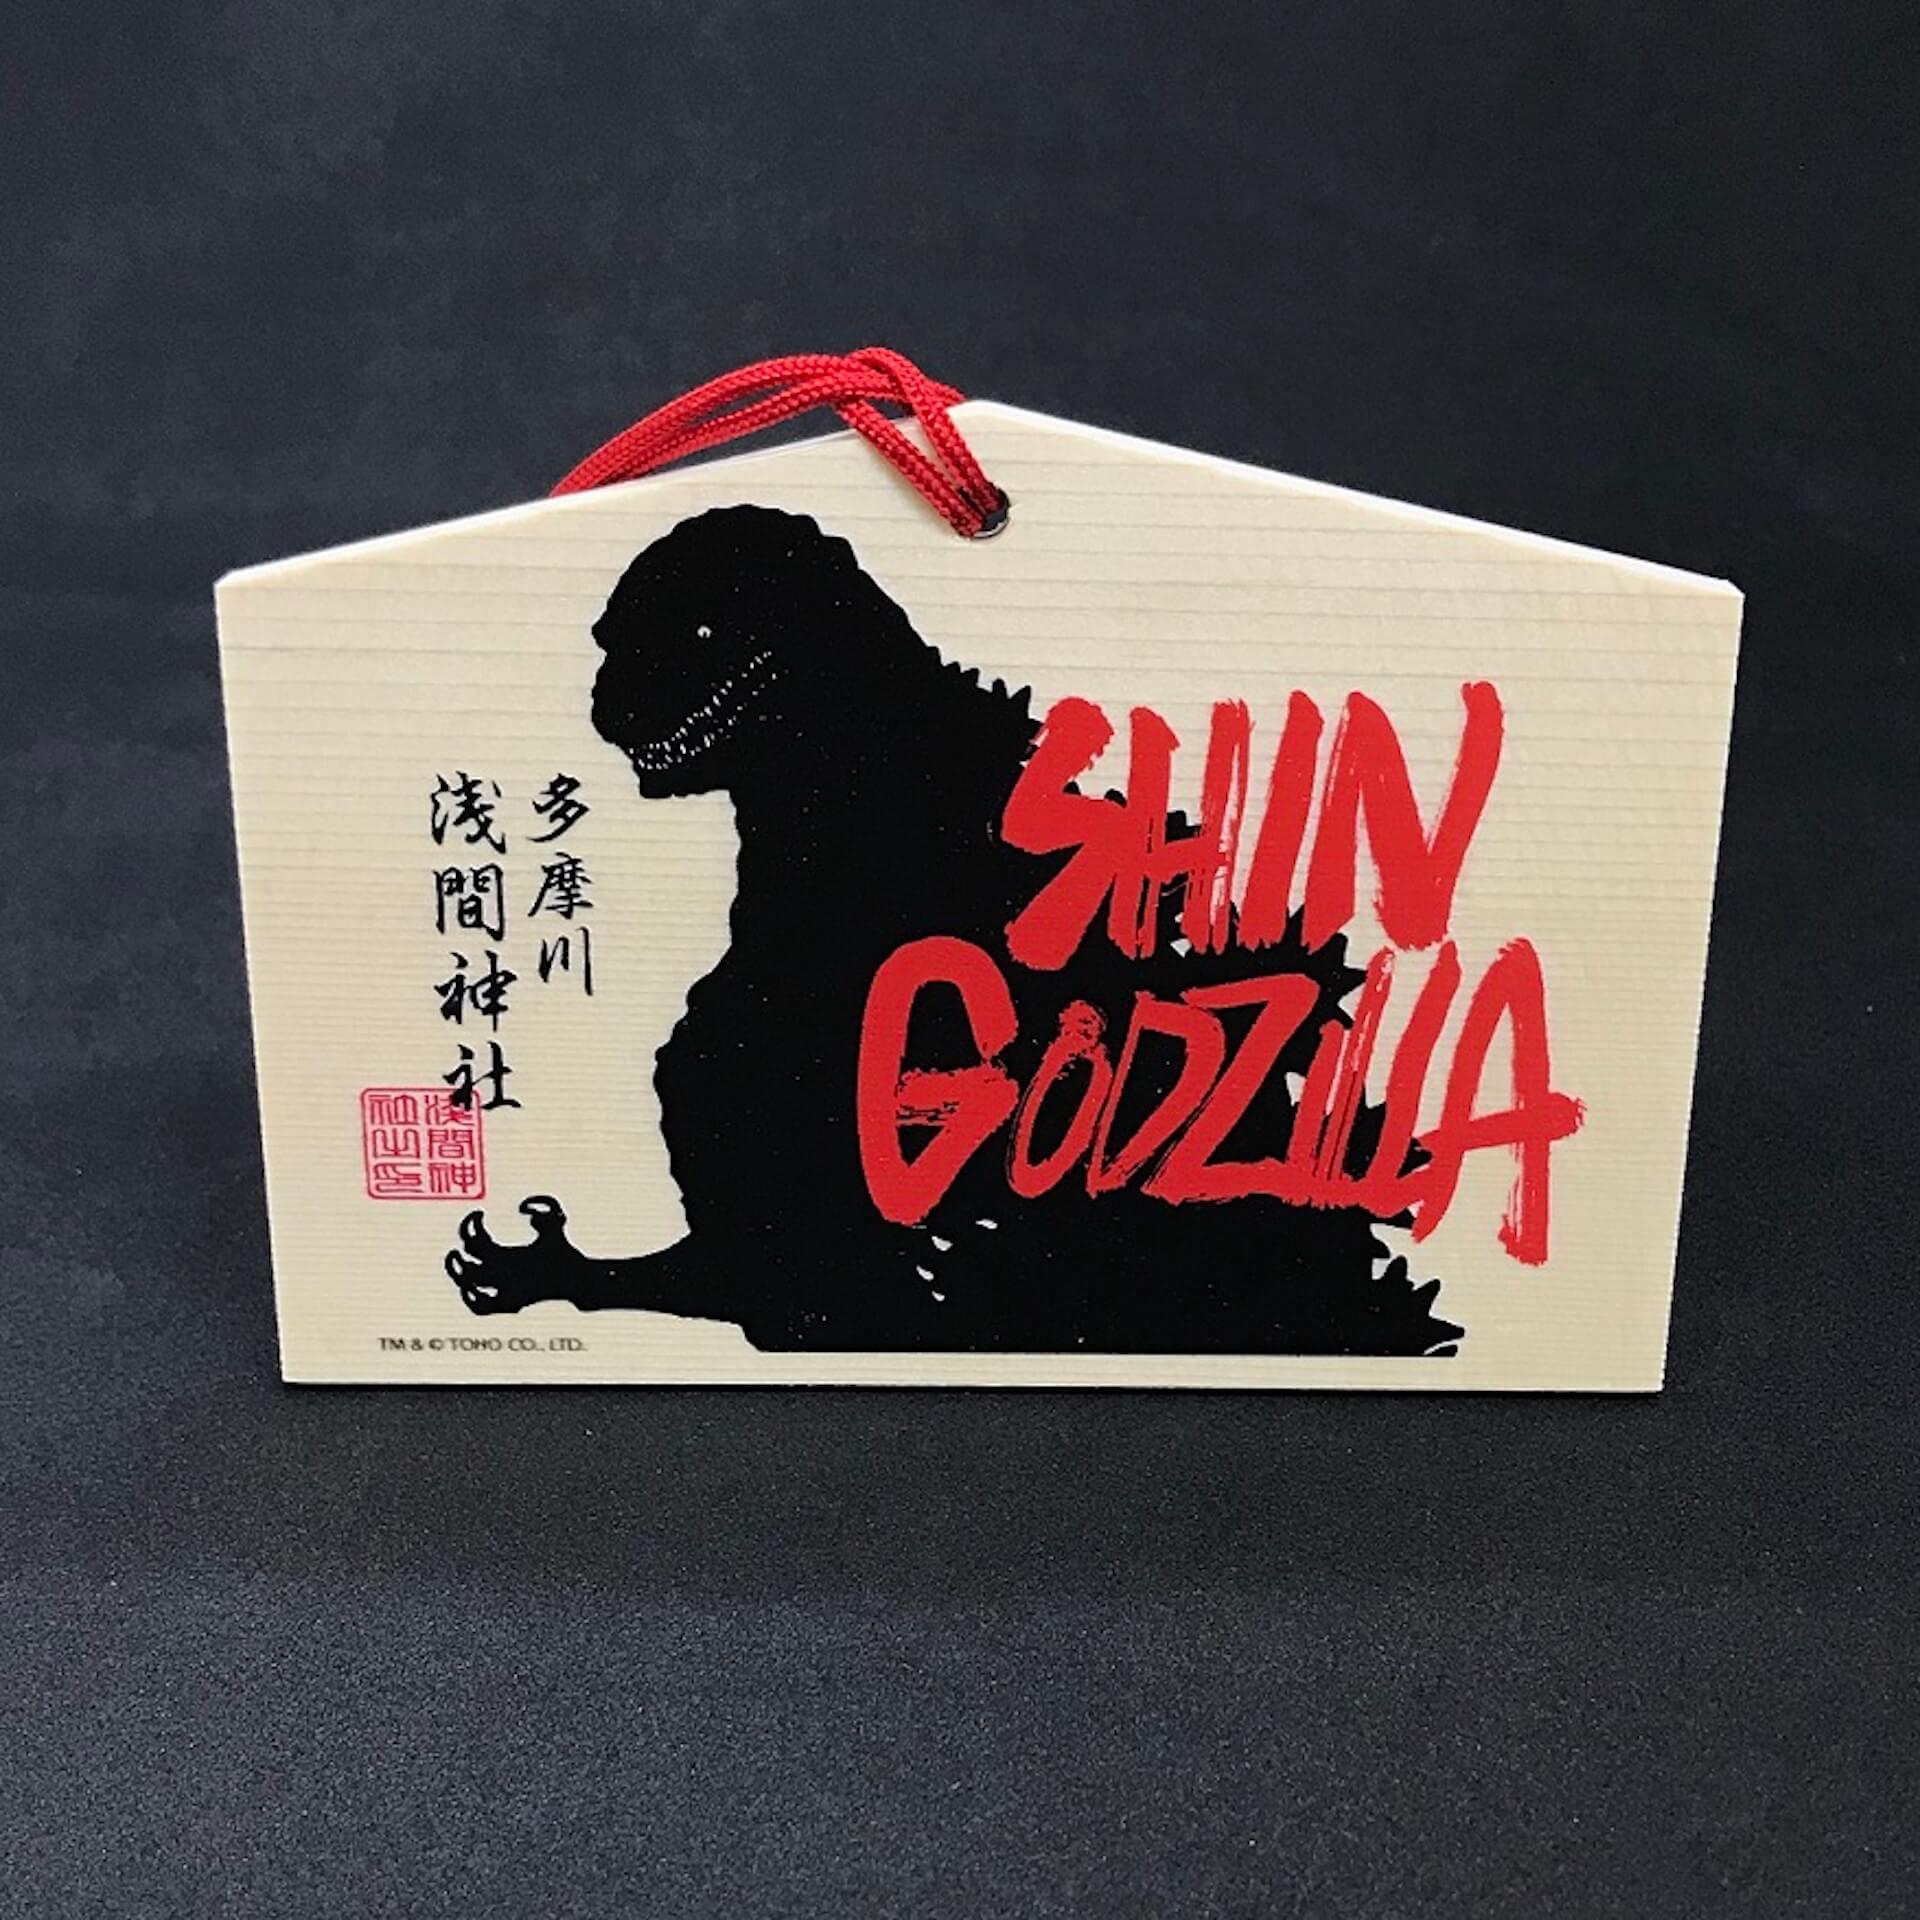 年末年始は『シン・ゴジラ』でお参りしよう!あの「タバ戦闘団前方 指揮所」が設置された多摩川浅間神社とコラボしたお守り&絵馬セット登場 film191226_godzilla_3